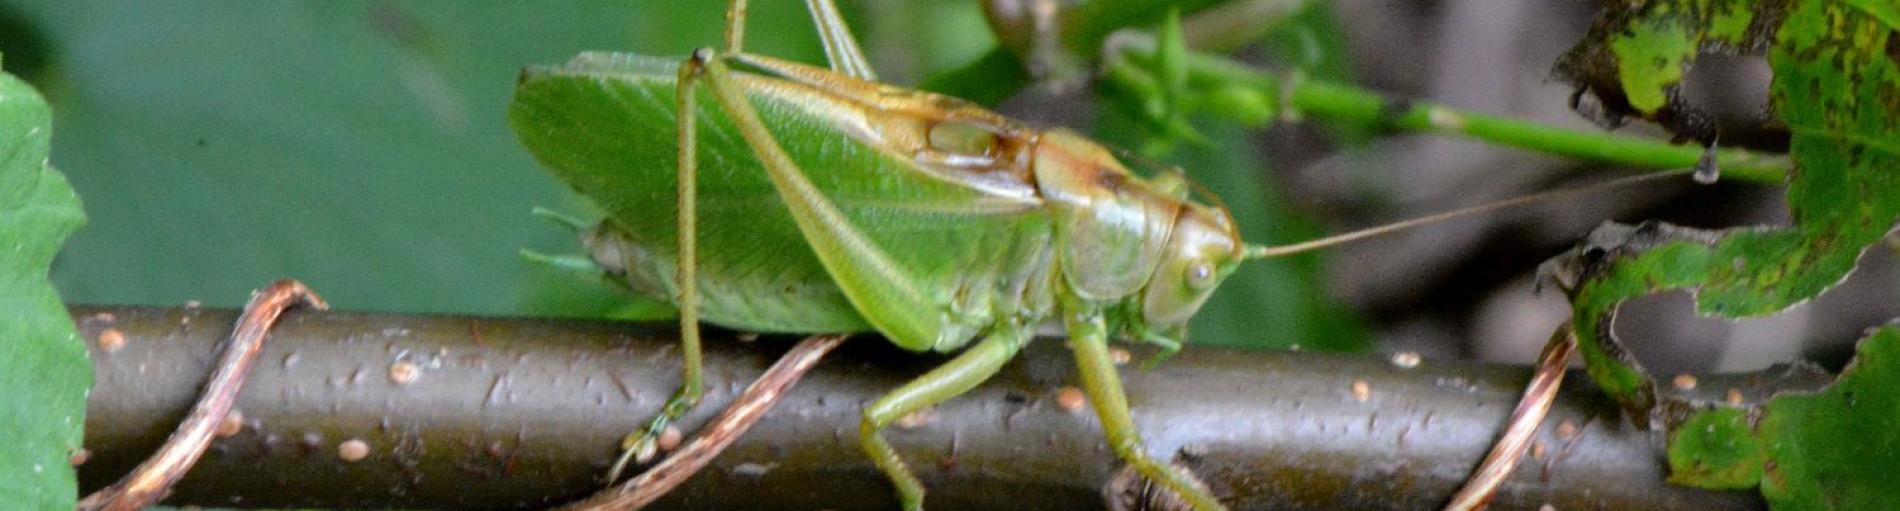 Weitsprung-Virtuosen, Teufelsnadeln, Drachenfliegen und andere Monster: Sommer in der Ökologiestation